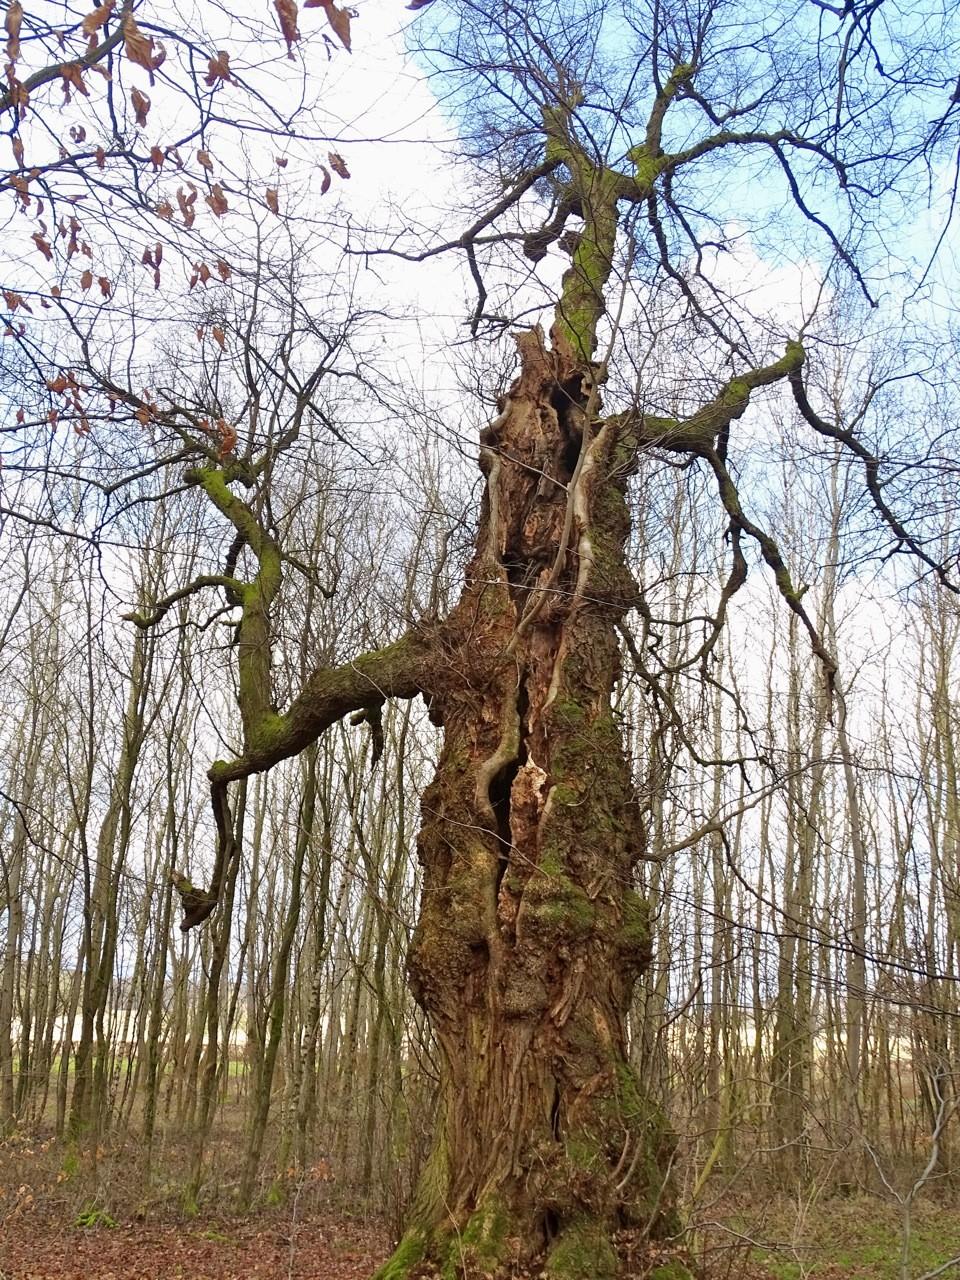 Von den Linden am Weilburger Windhof werden Samen zur weiteren Kultivierung gesammelt, da sie dem Forstsaatgutgesetz entsprechen.